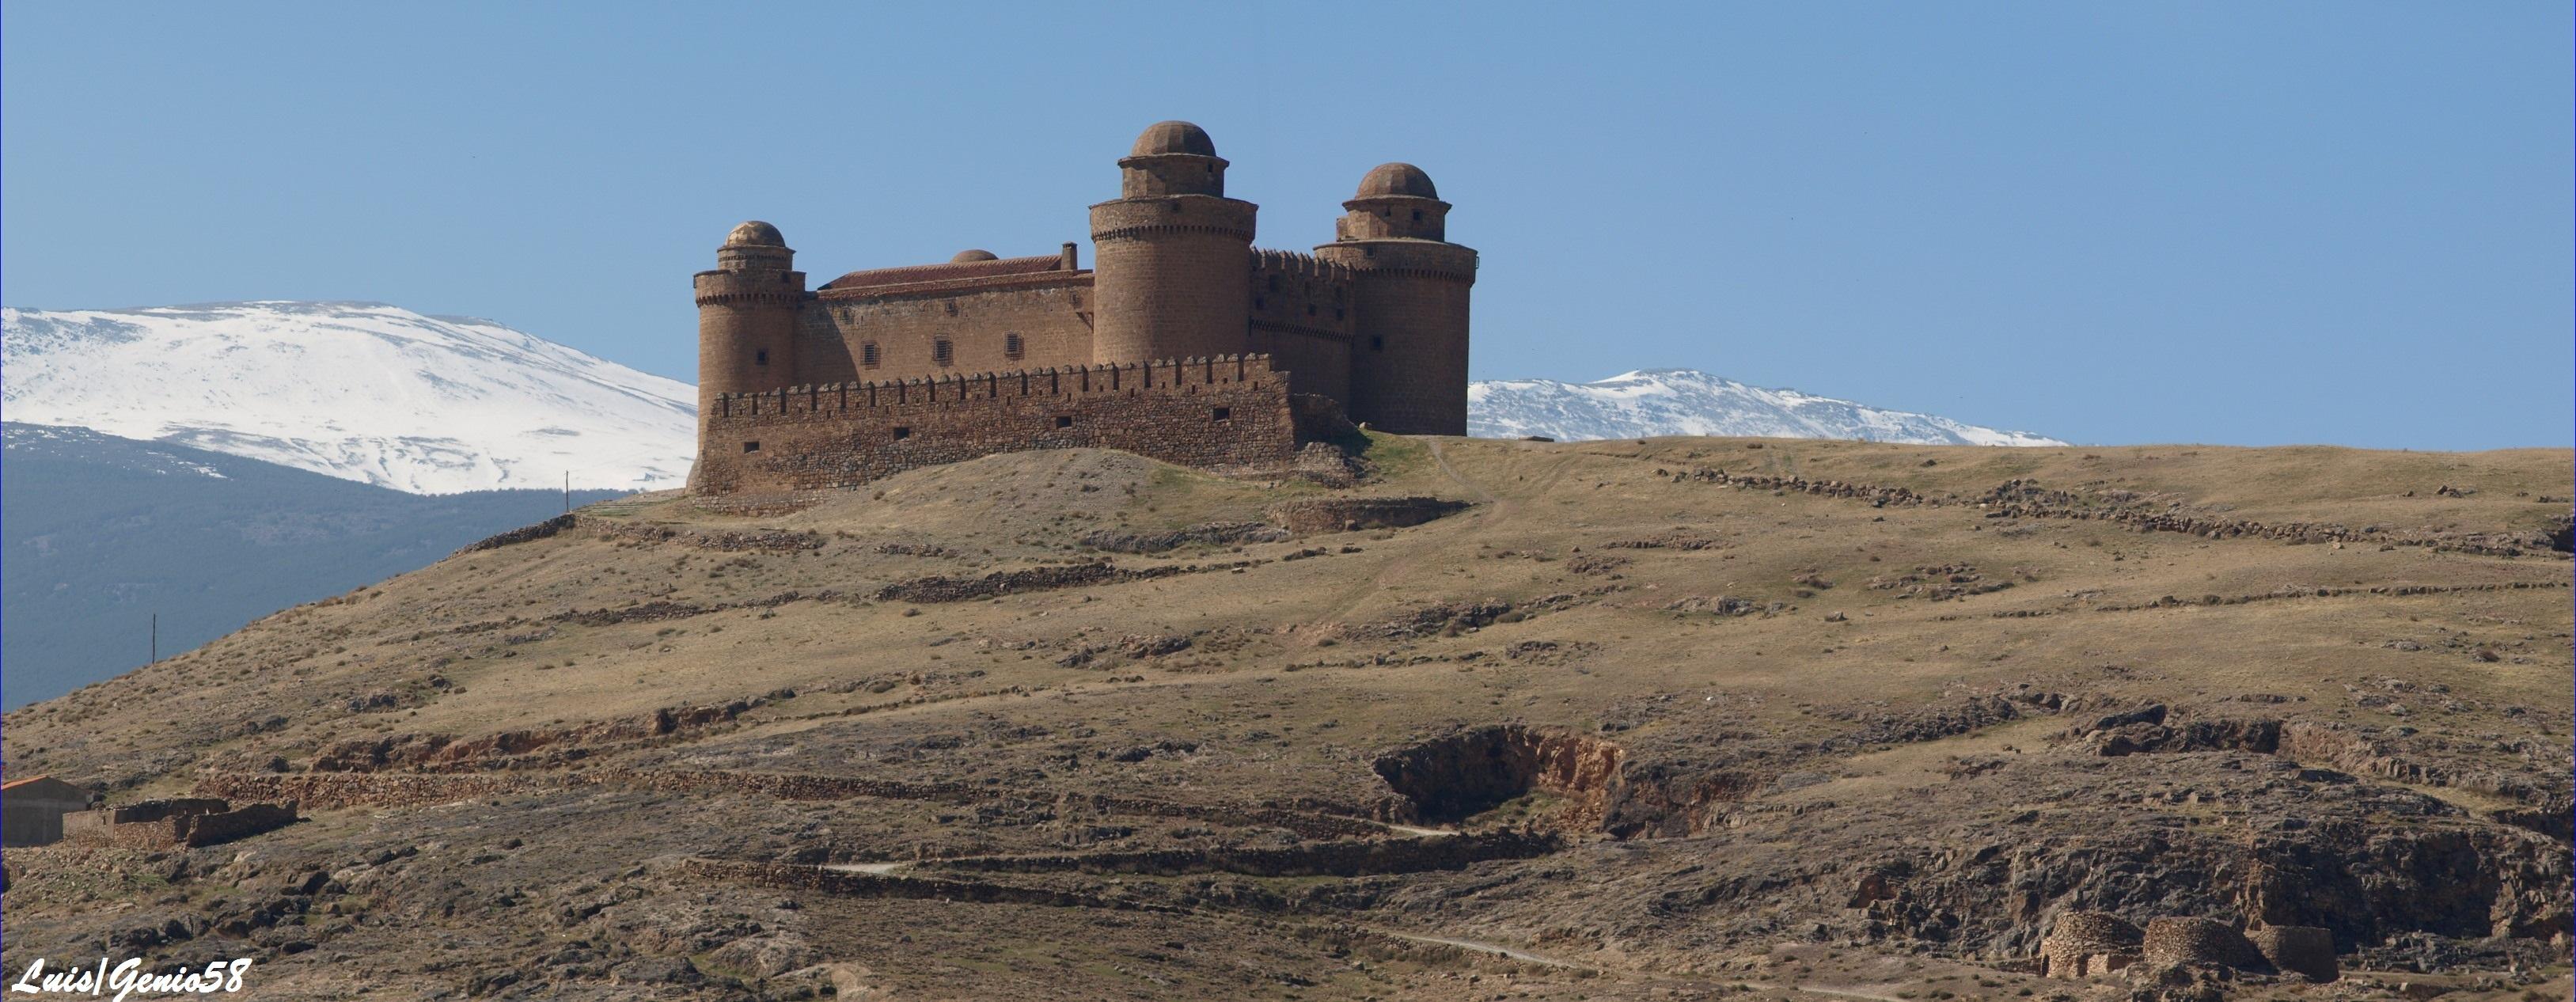 Castillo de la calahorra granada fotos 67